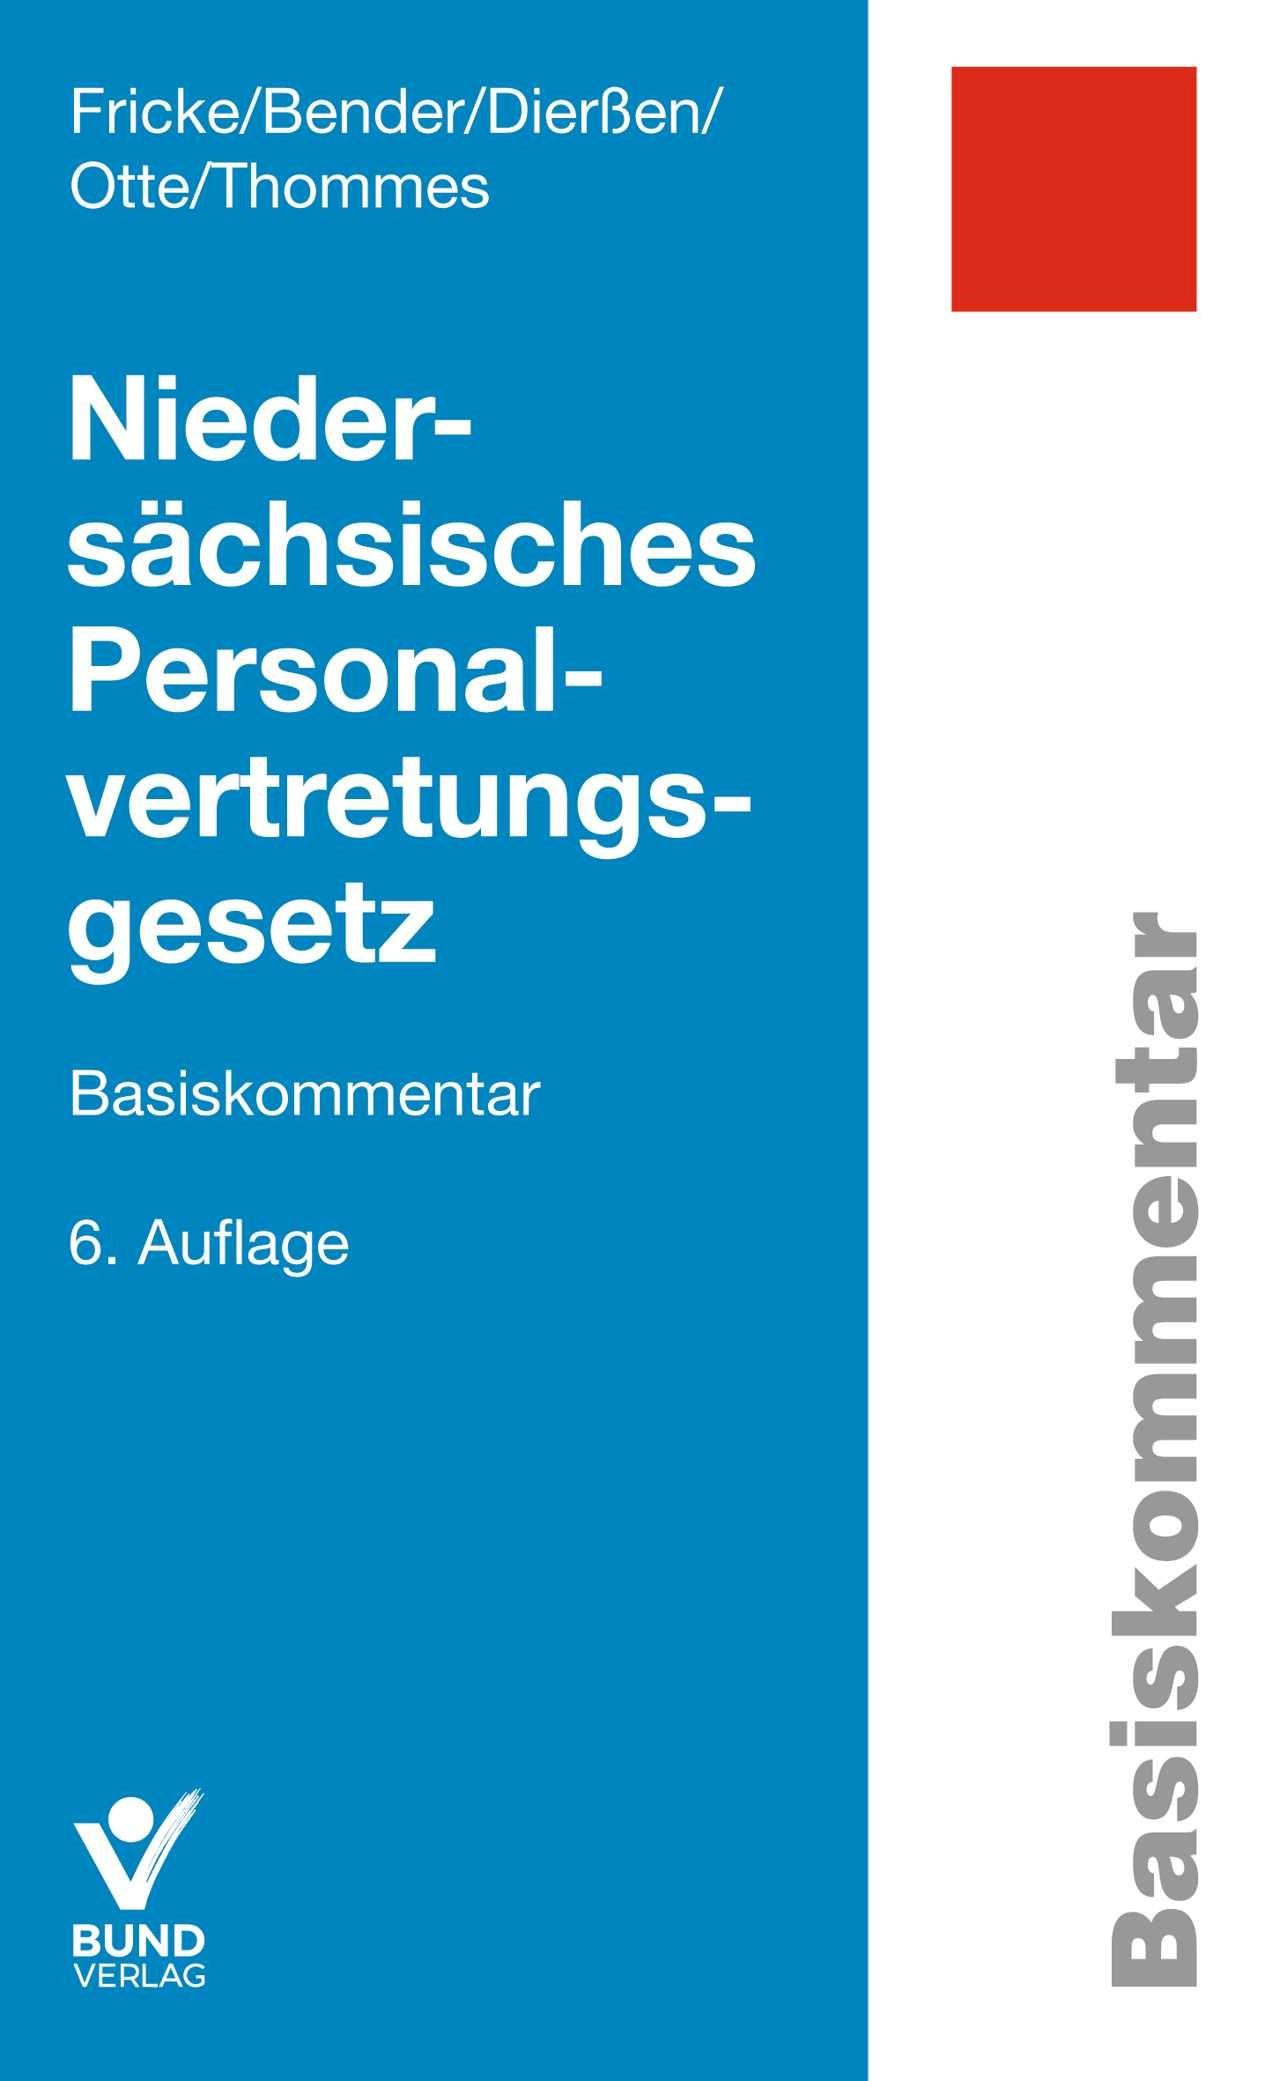 Niedersächsisches Personalvertretungsgesetz | Fricke / Bender / Dierßen / Otte / Thommes | 6., aktualisierte und überarbeitete Auflage, 2018 | Buch (Cover)